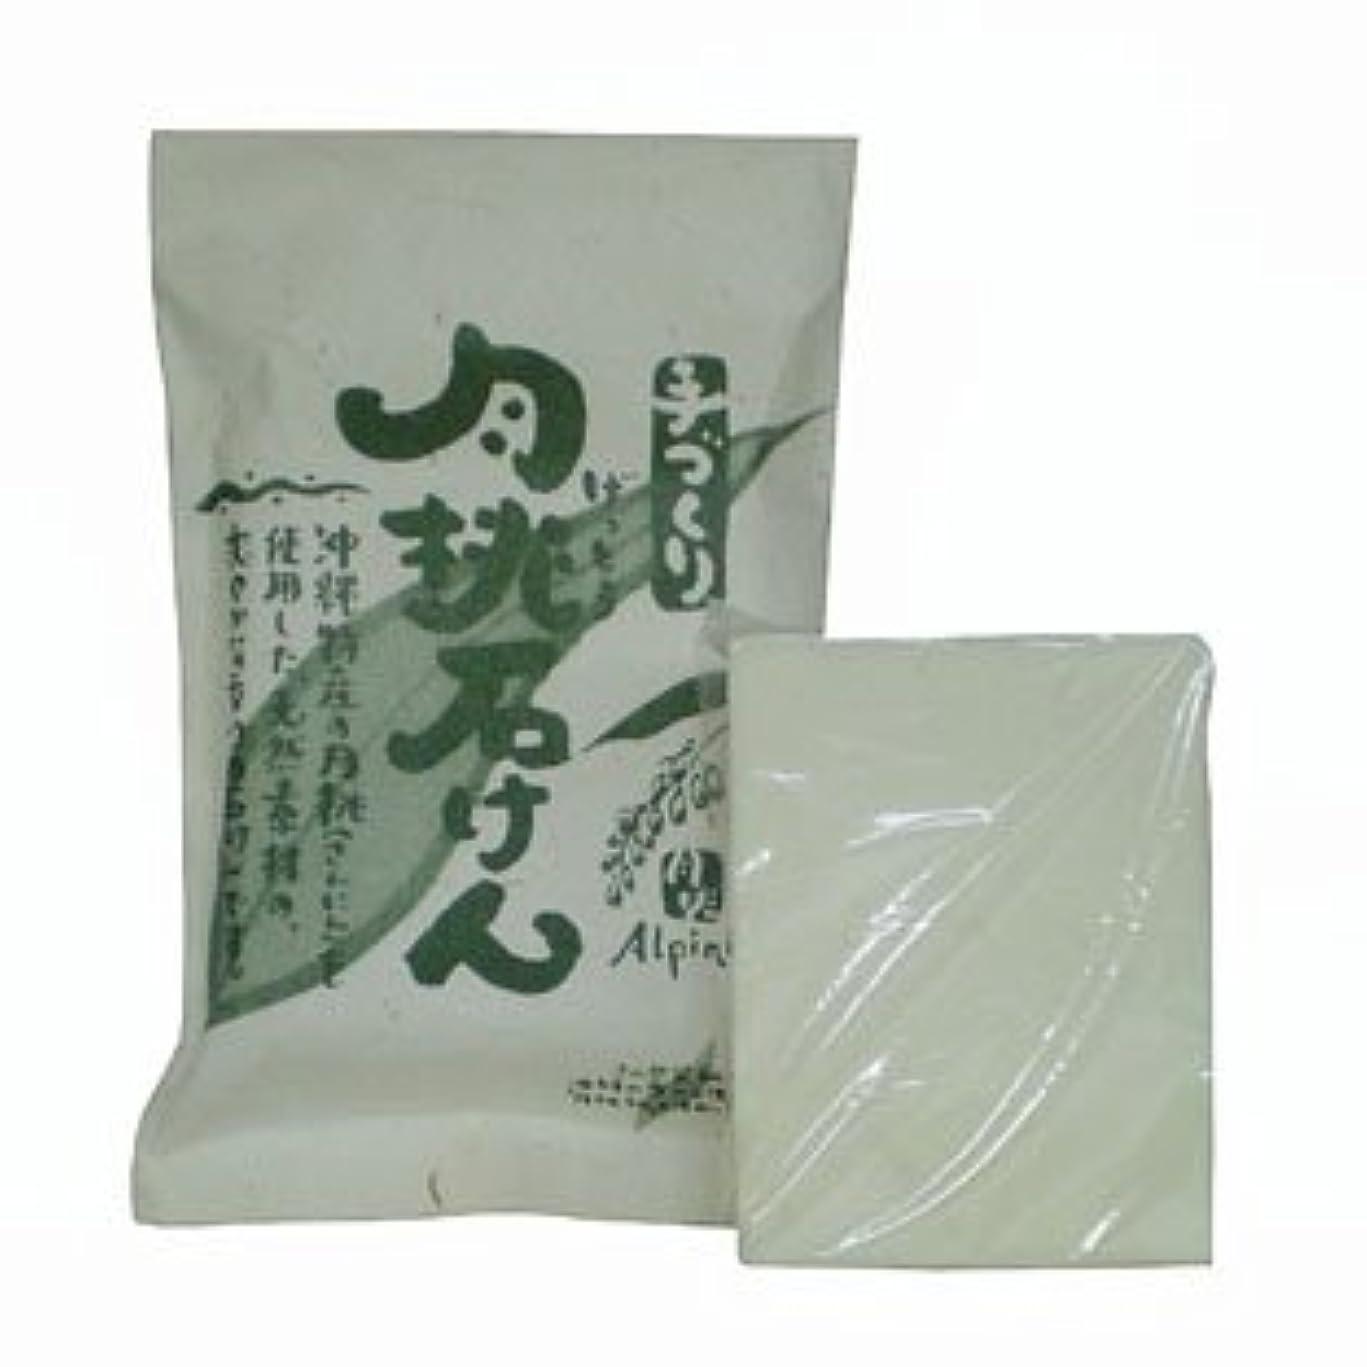 スポンサーグラフィック高架沖縄県産 月桃石けん/台所用石鹸(100g)